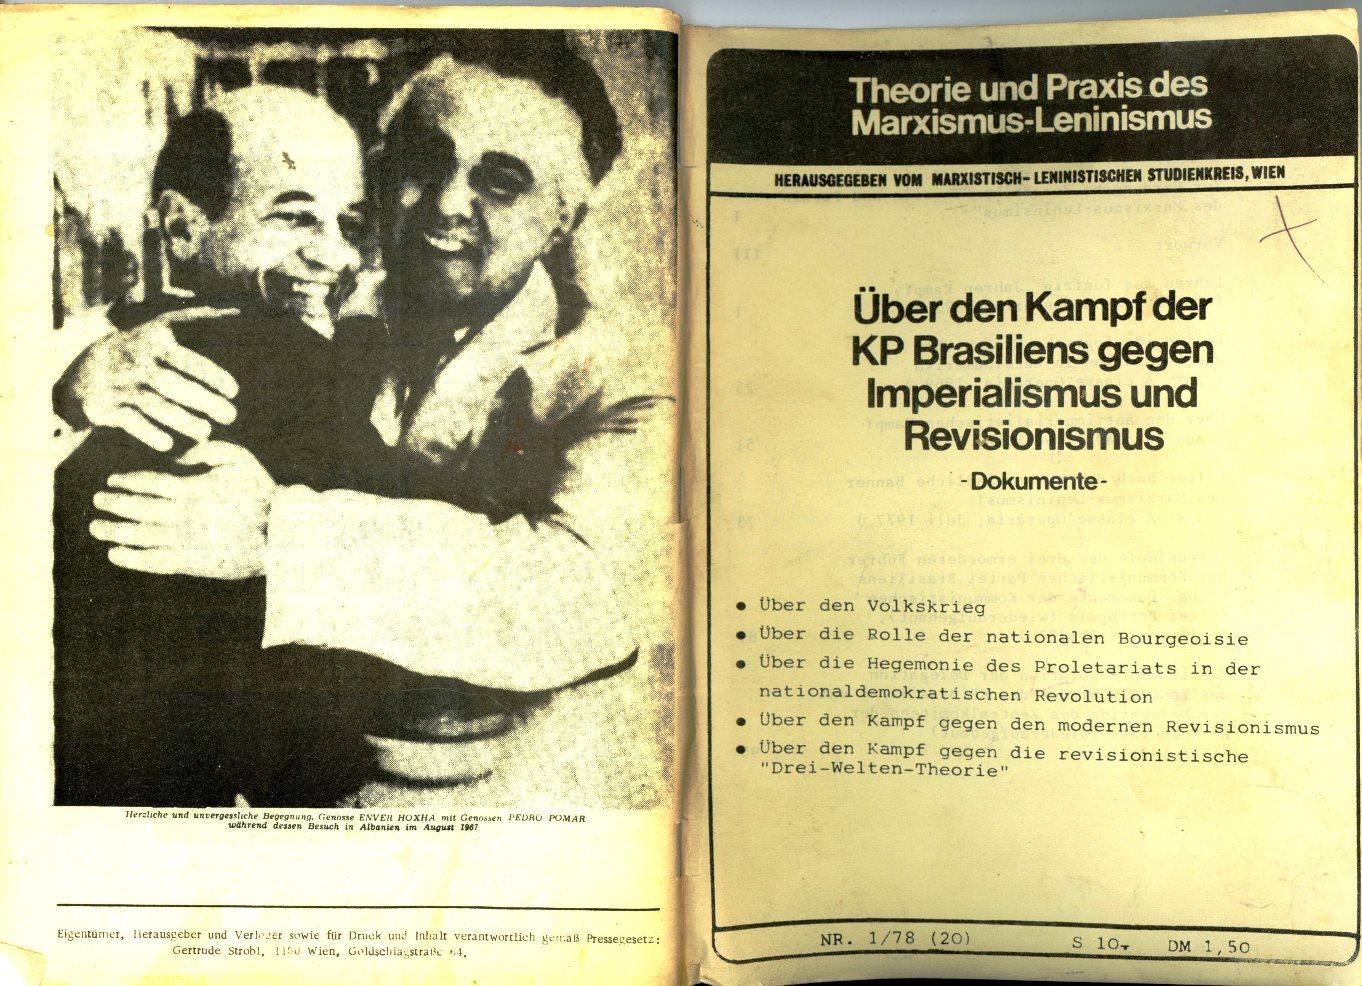 MLSK_Theorie_und_Praxis_des_ML_1978_20_01